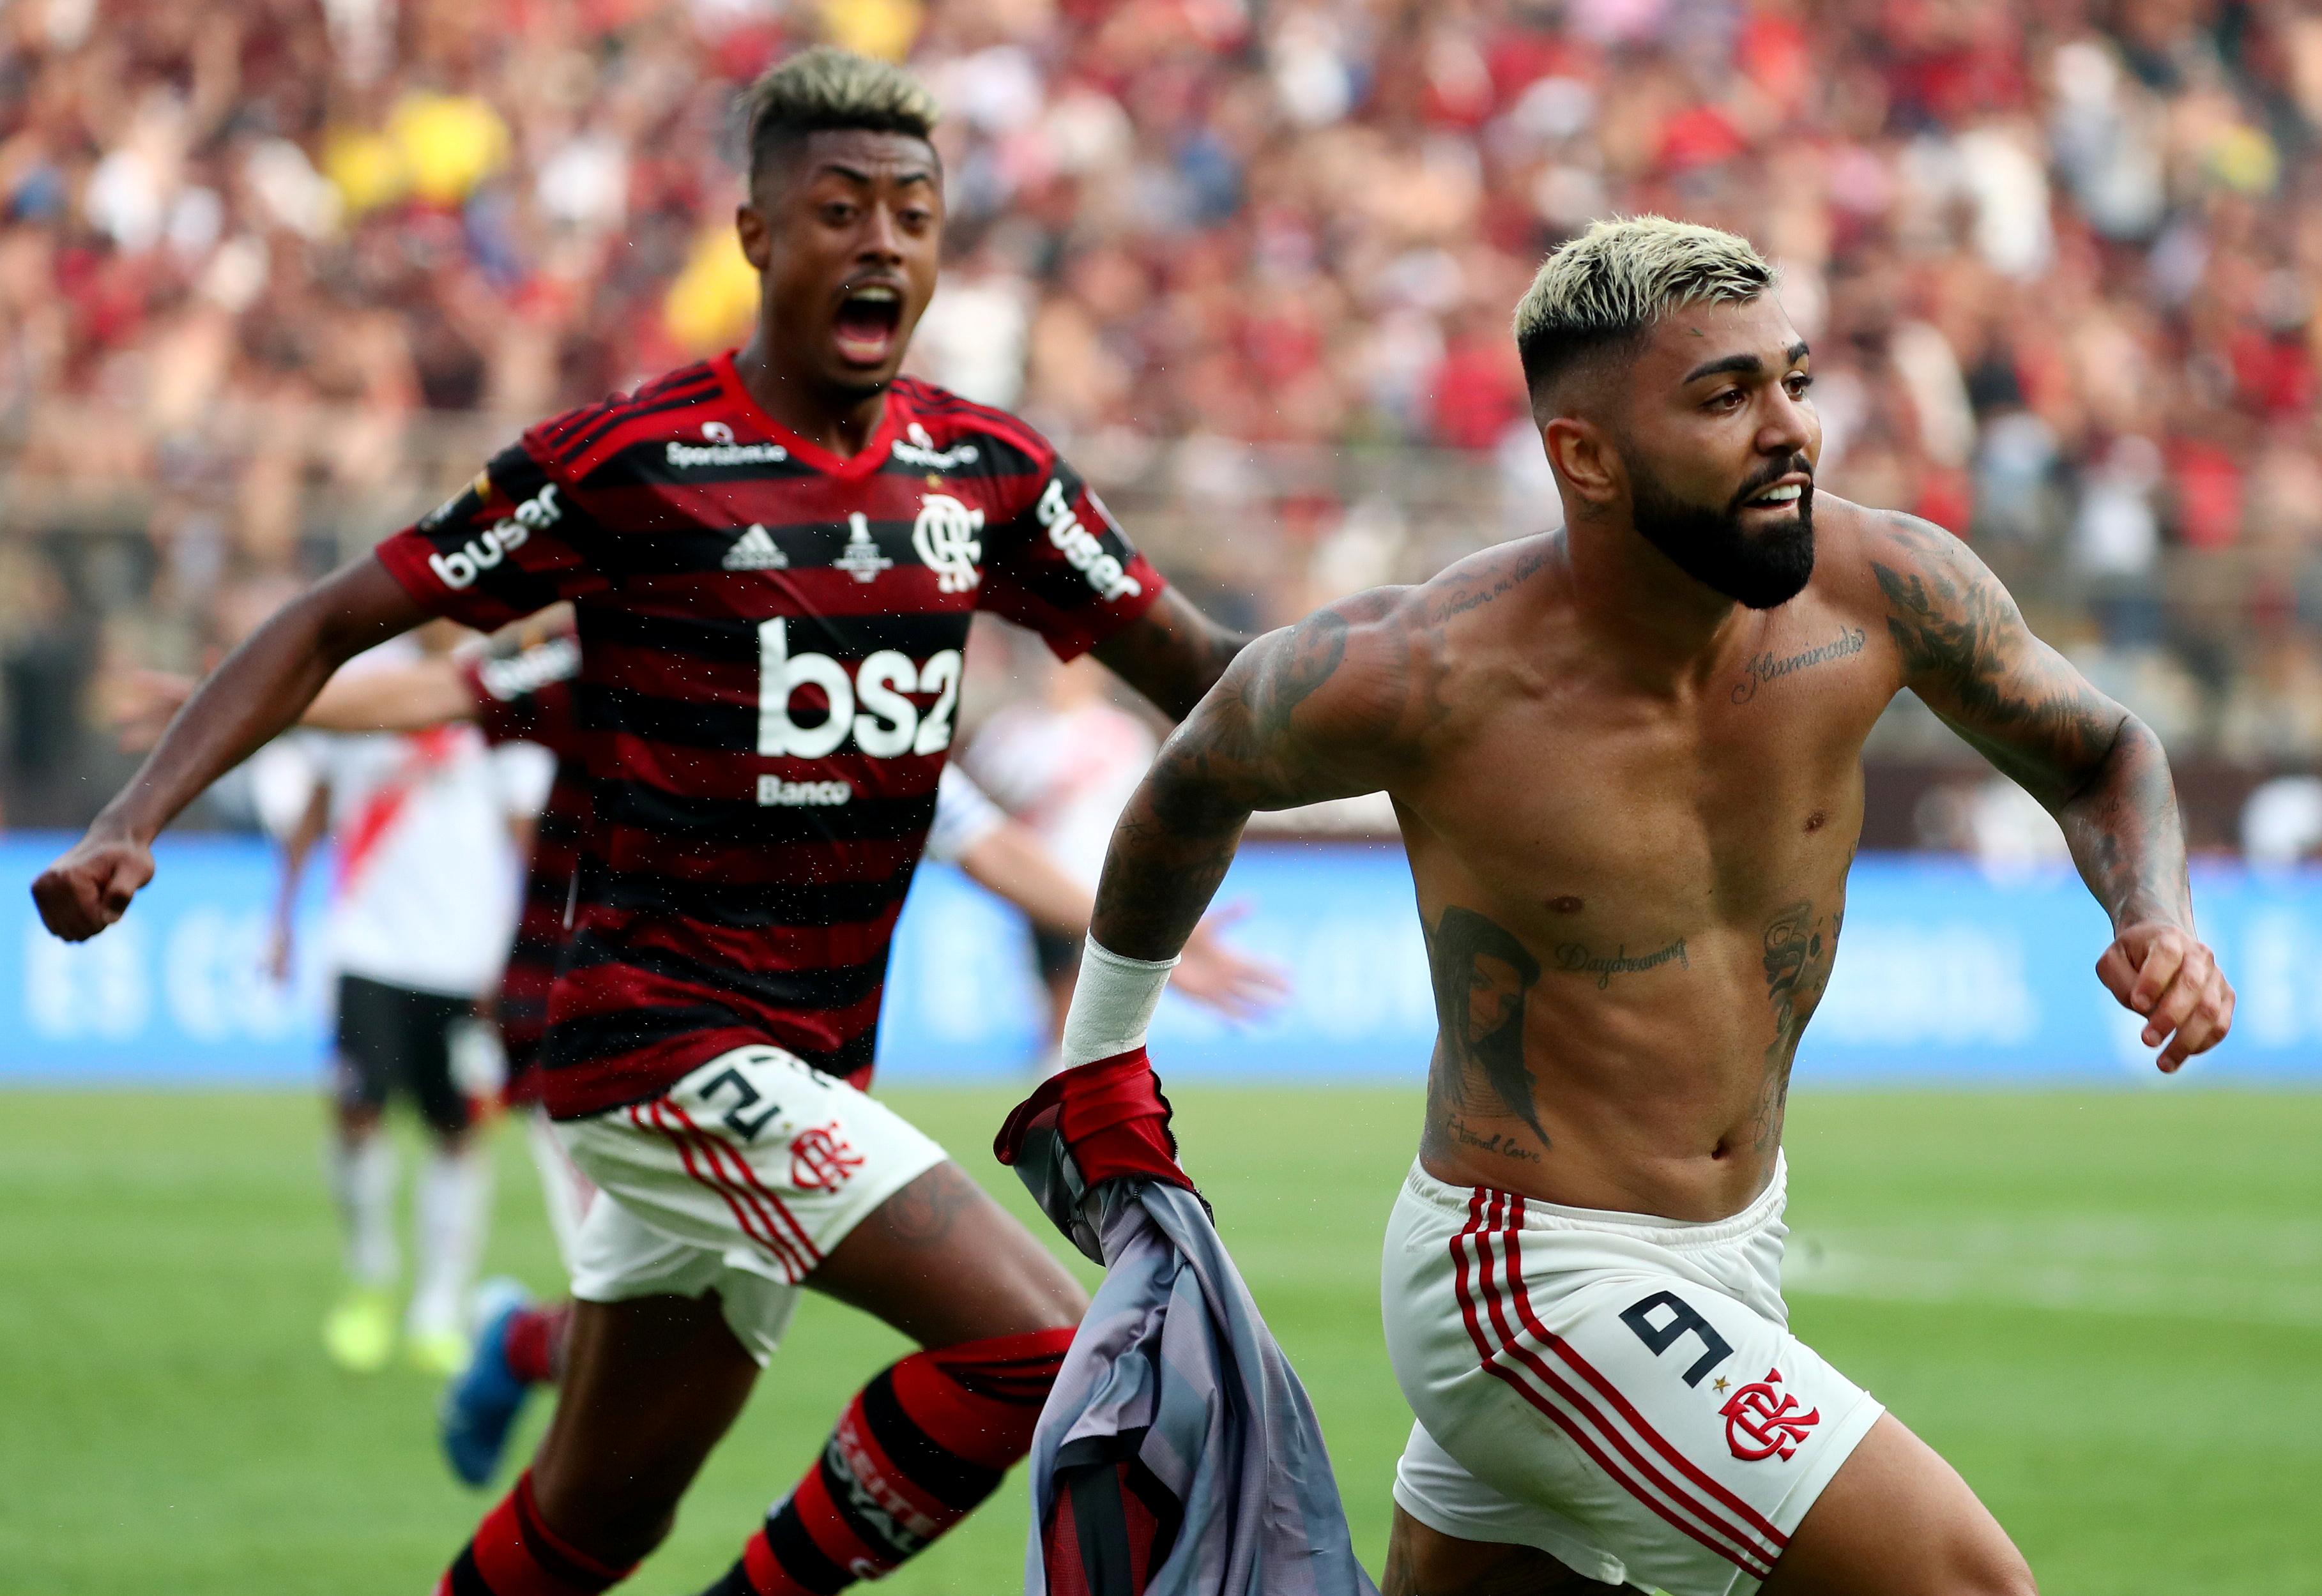 """Copa Libertadores: Από την κόλαση στον… τίτλο! Η Φλαμένγκο """"σκότωσε"""" τη Ρίβερ"""